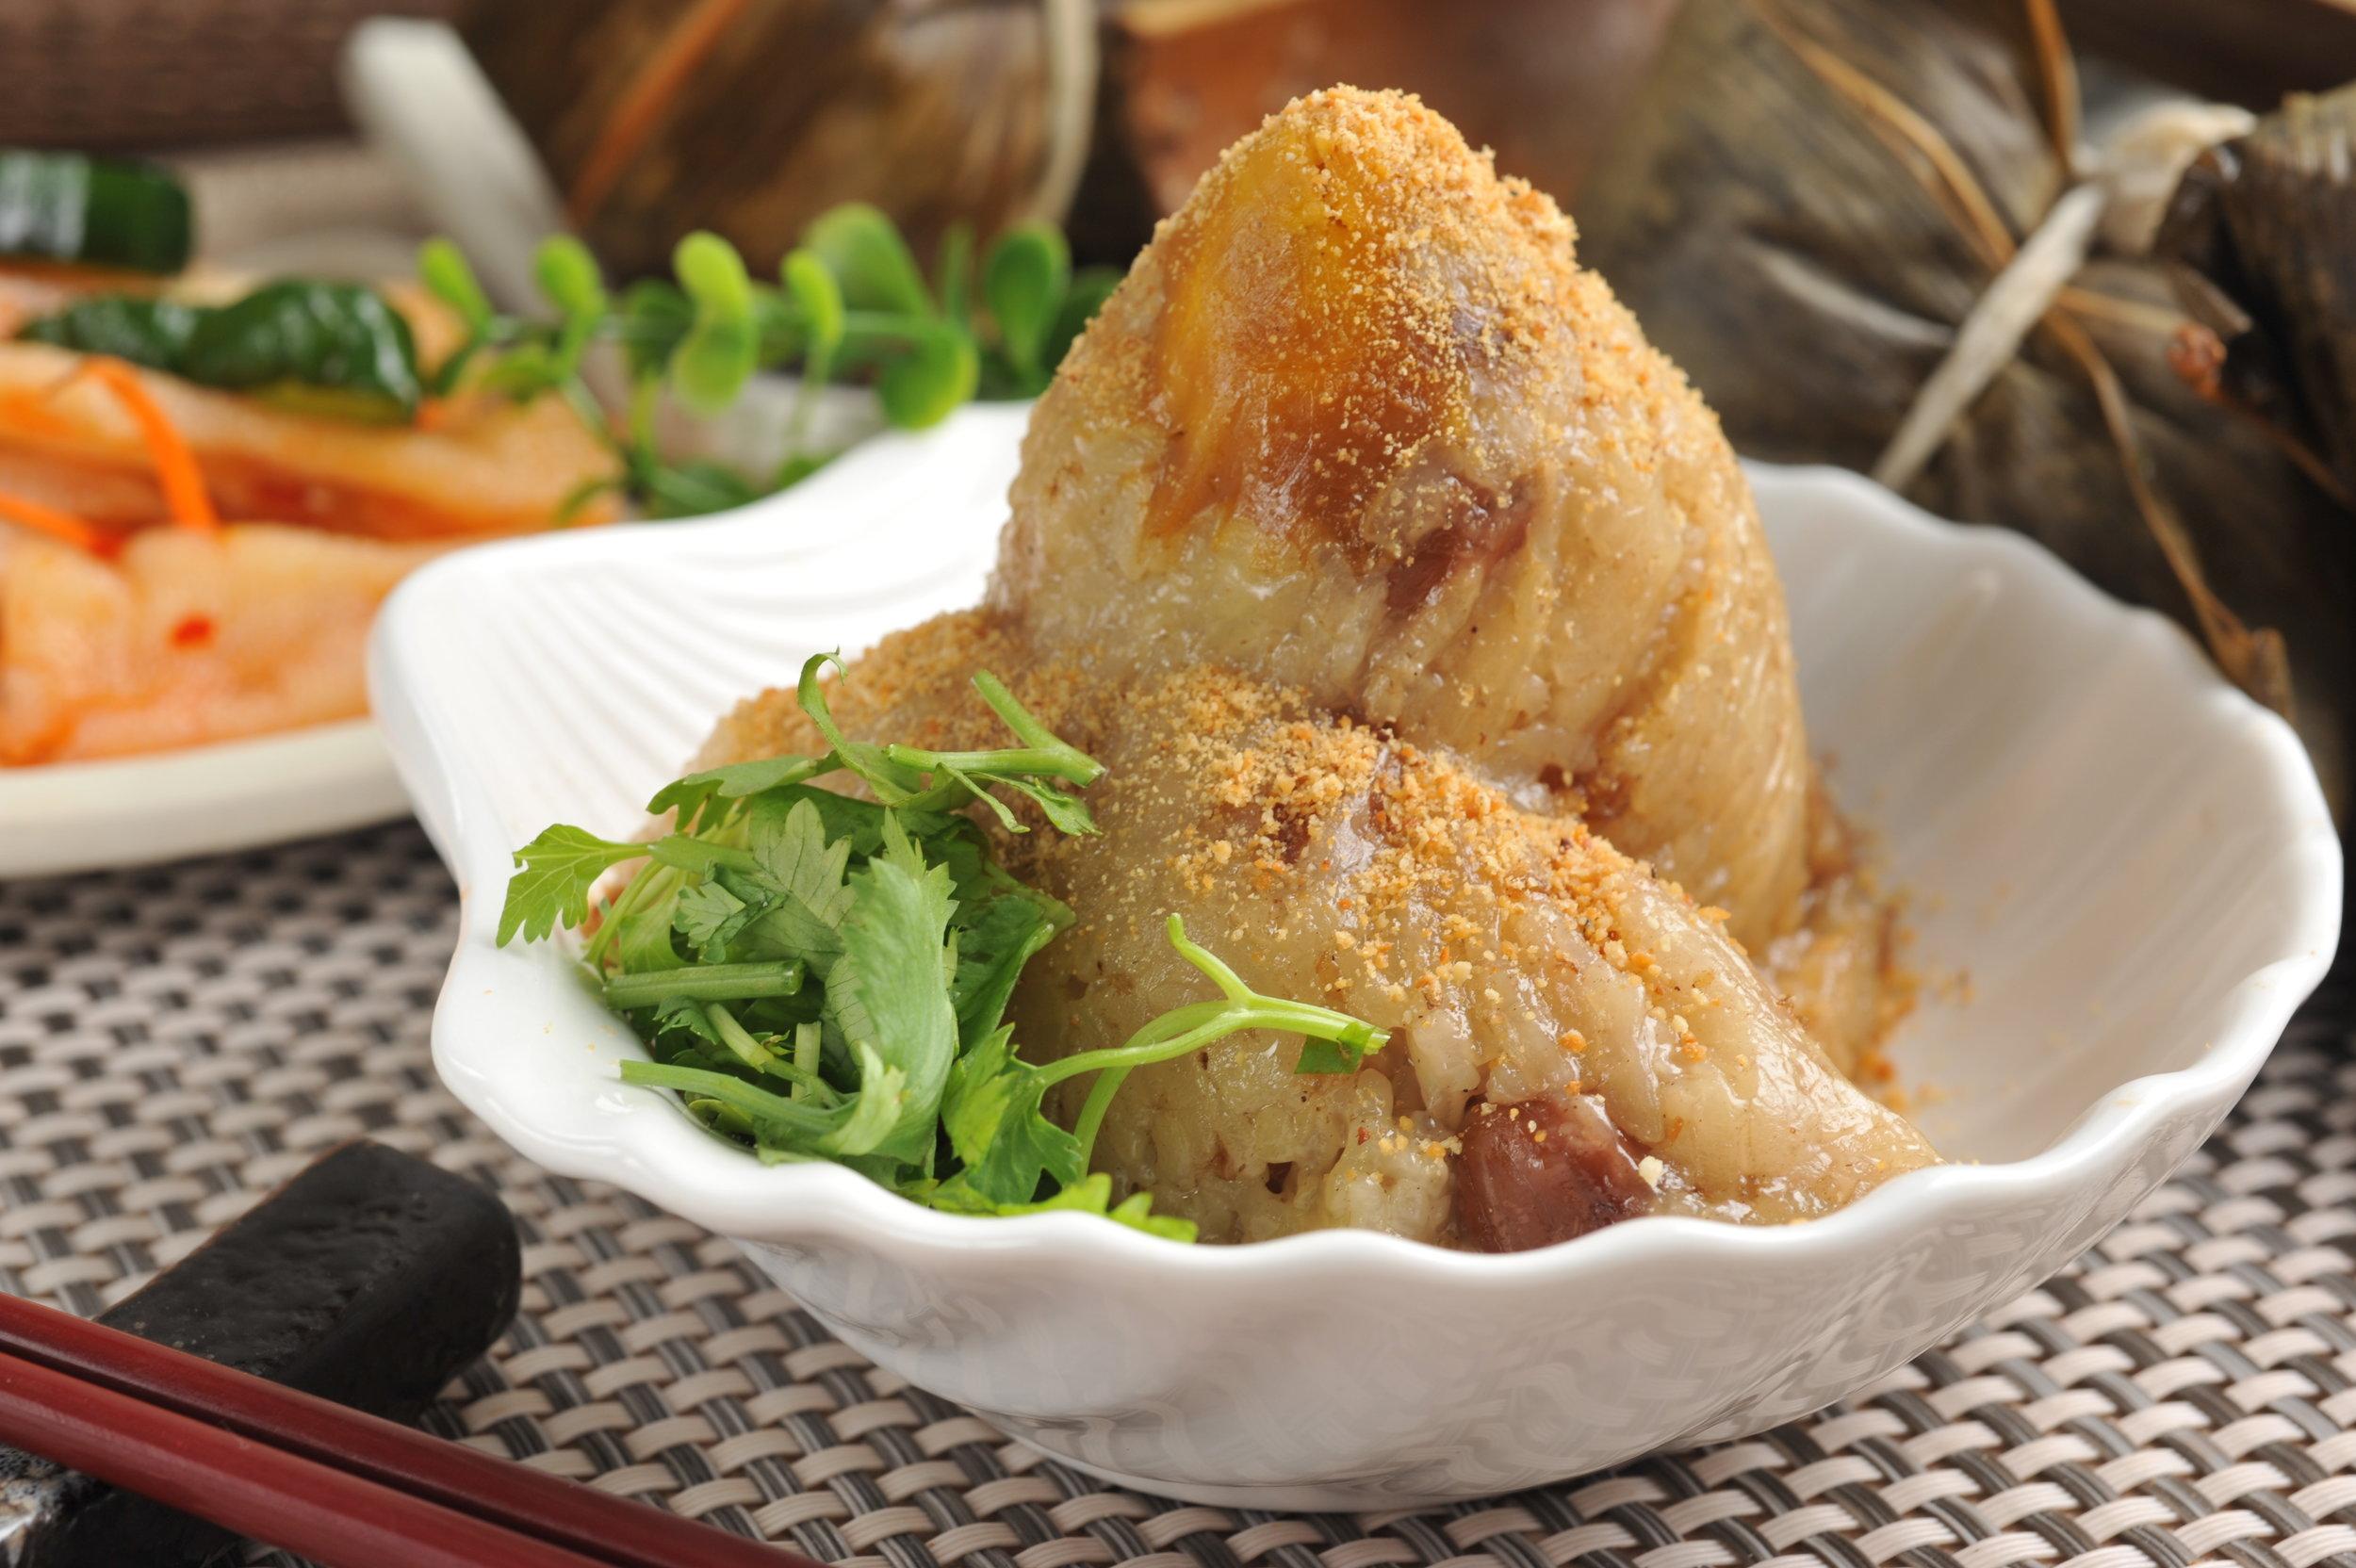 ▲南部粽是生糯米直接包進粽葉中用滾水煮熟,吃起來口感會比較黏糯軟爛。